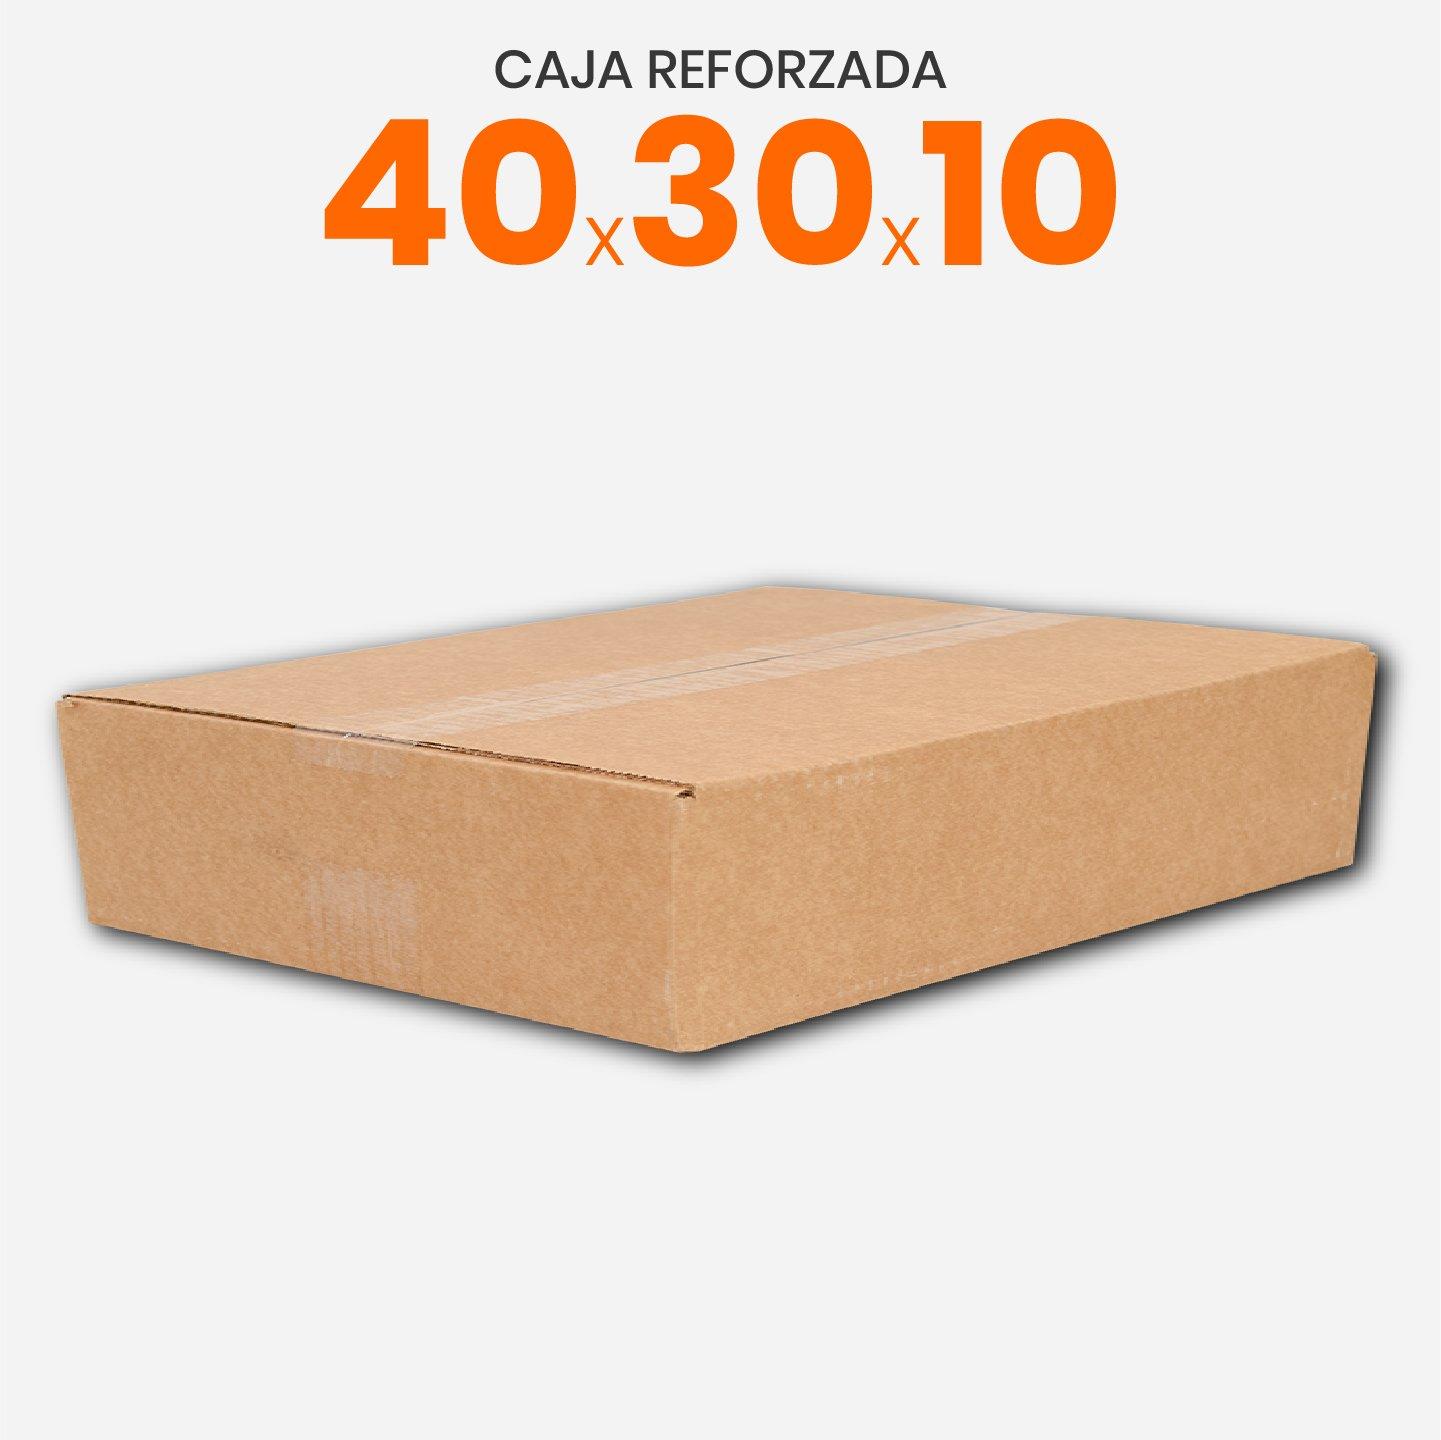 Caja De Cartón Corrugado Reforzada 40x30x10